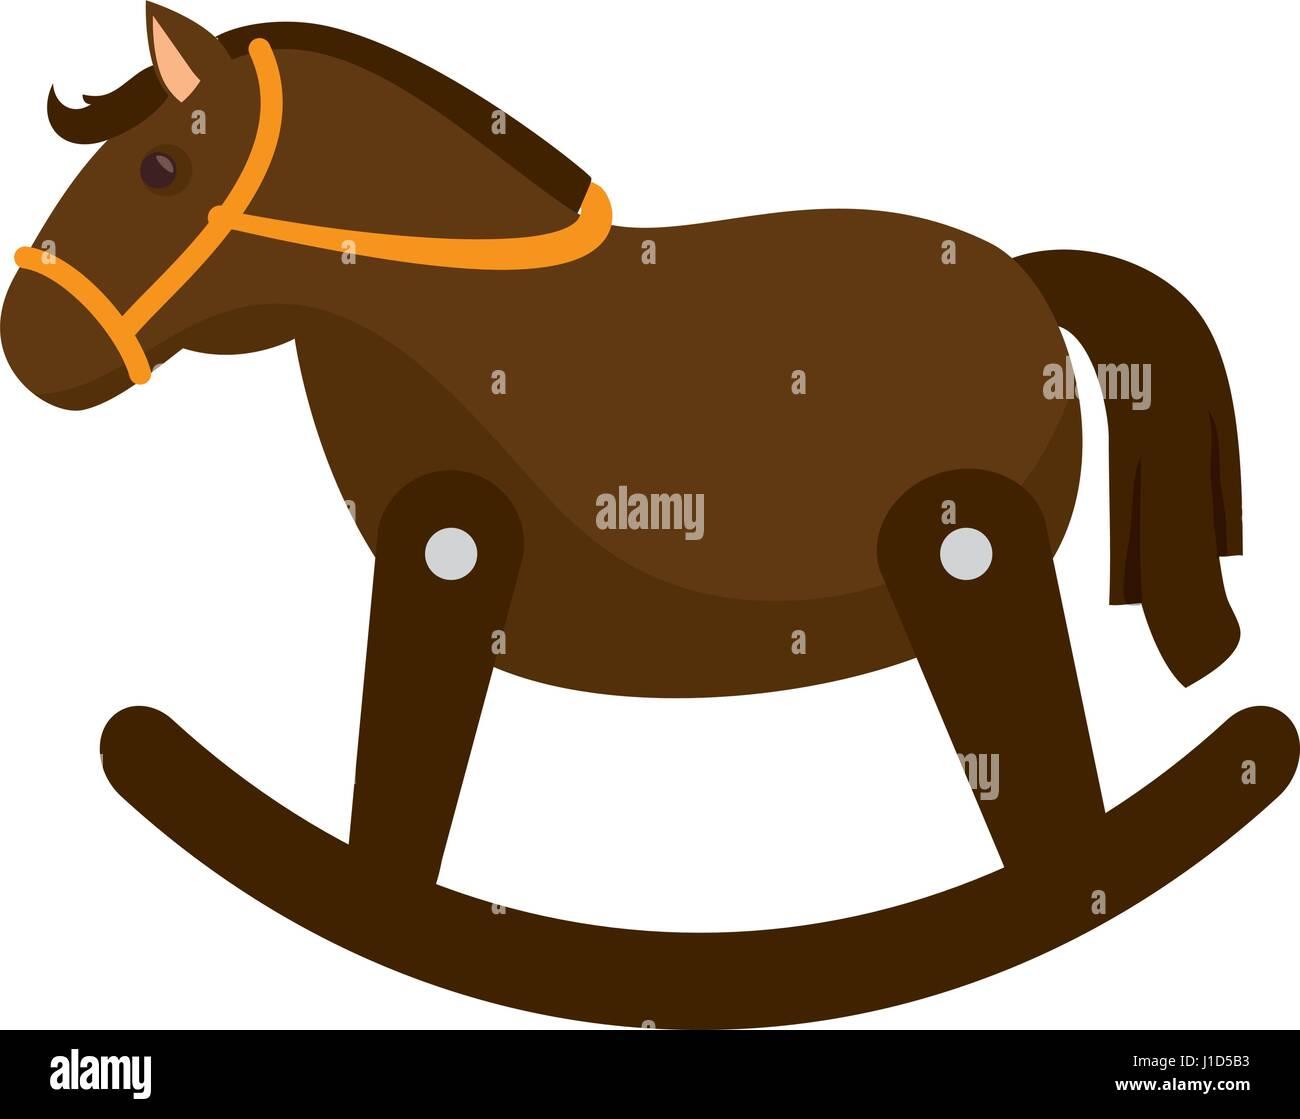 Cavallo Di Legno Giocattolo.Cavallo Di Legno Giocattolo Carino Illustrazione Vettoriale